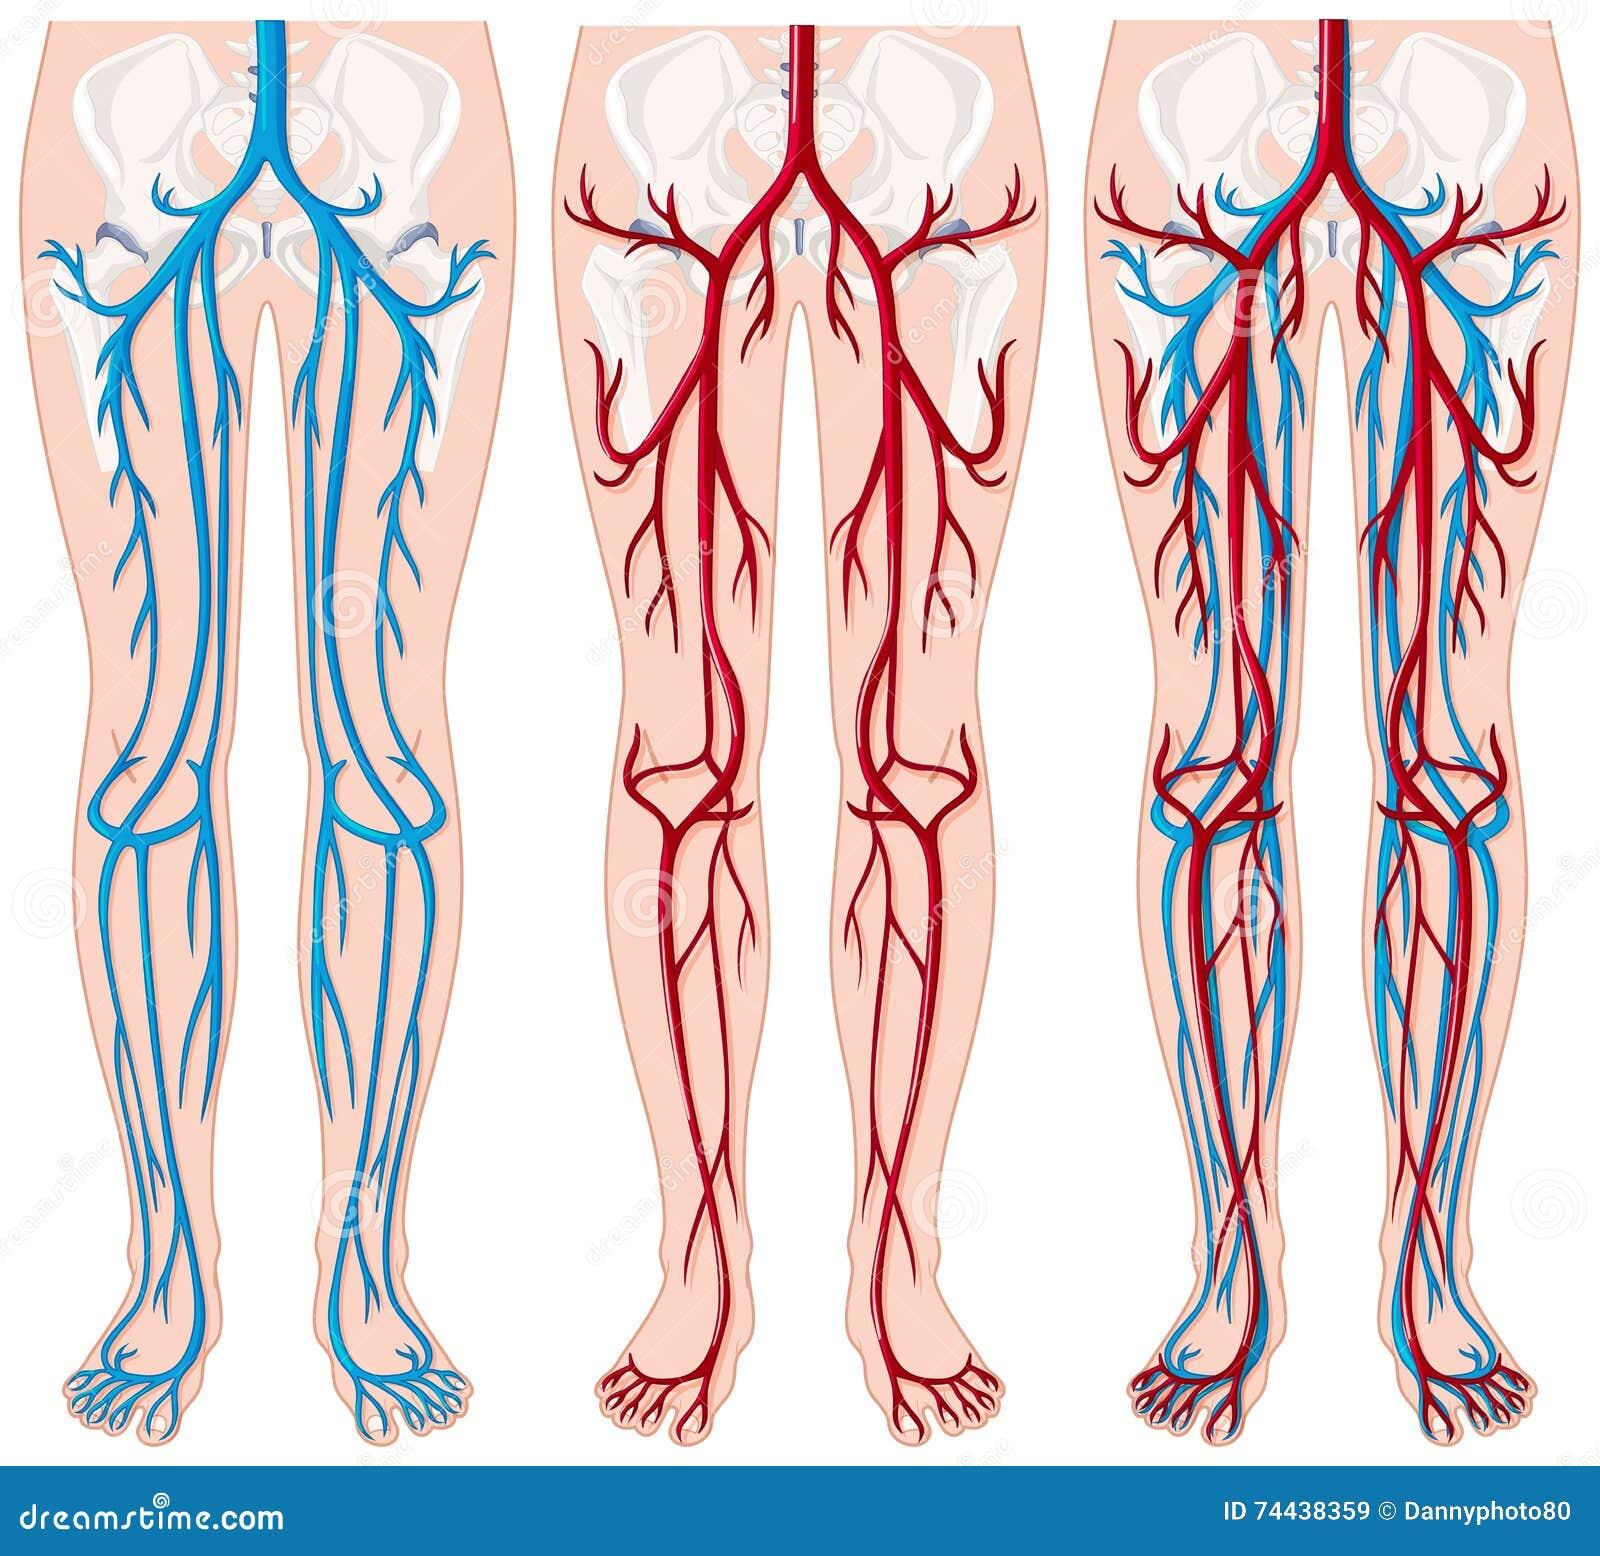 maladie vaisseaux sanguins